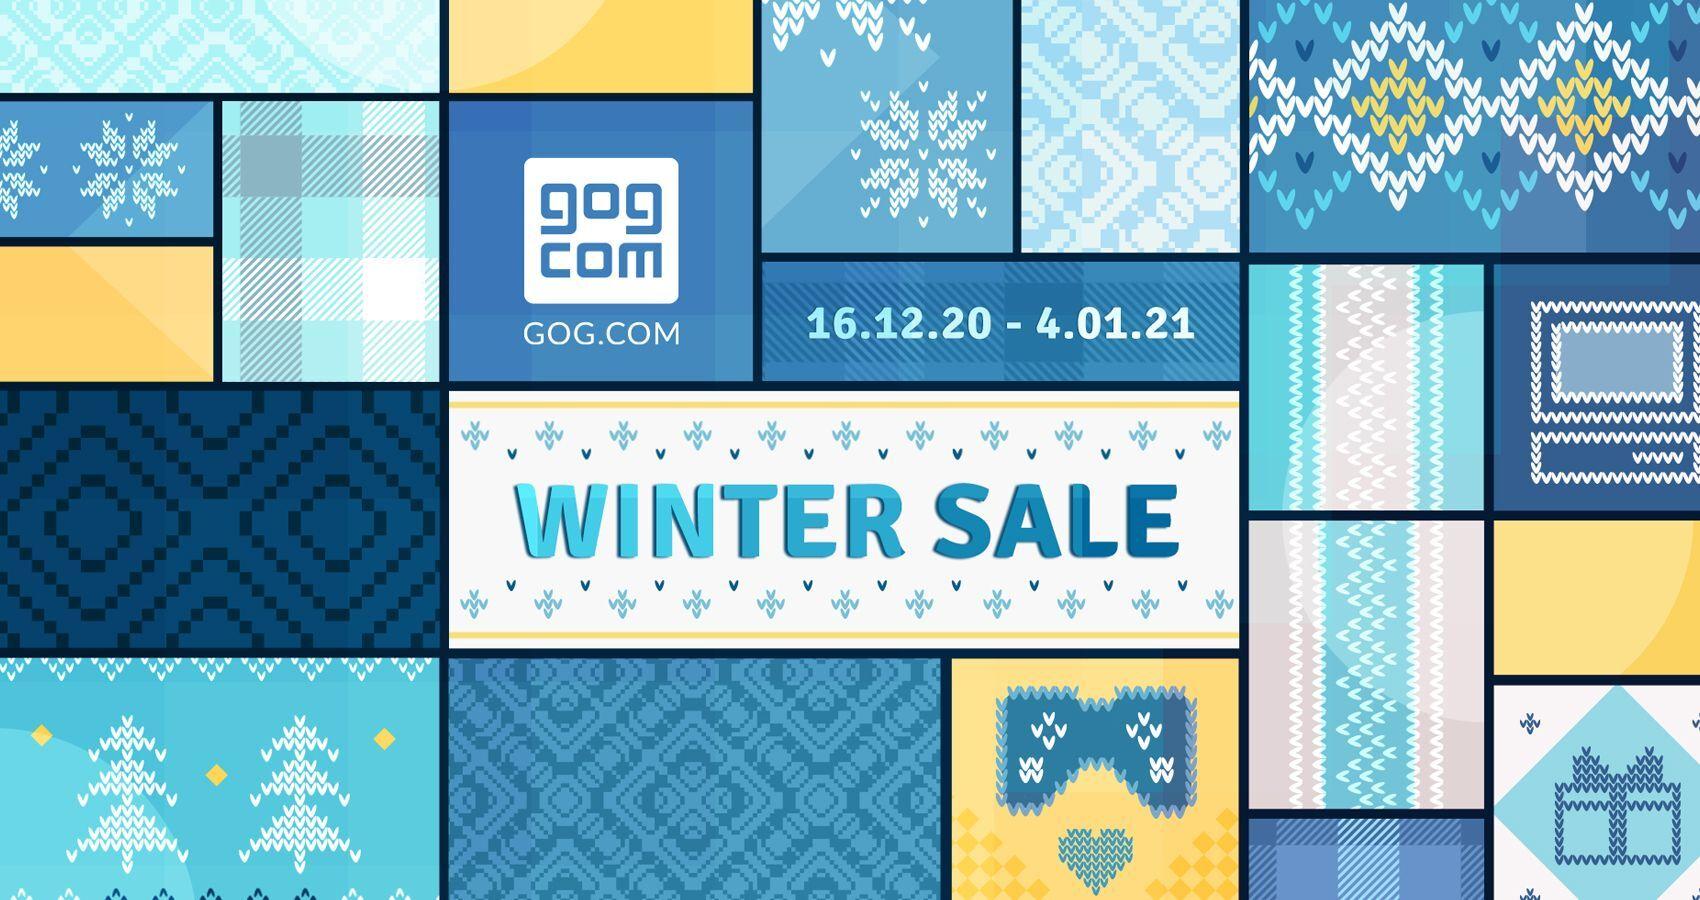 GOG запустил зимнюю распродажу игр со скидками до 91%